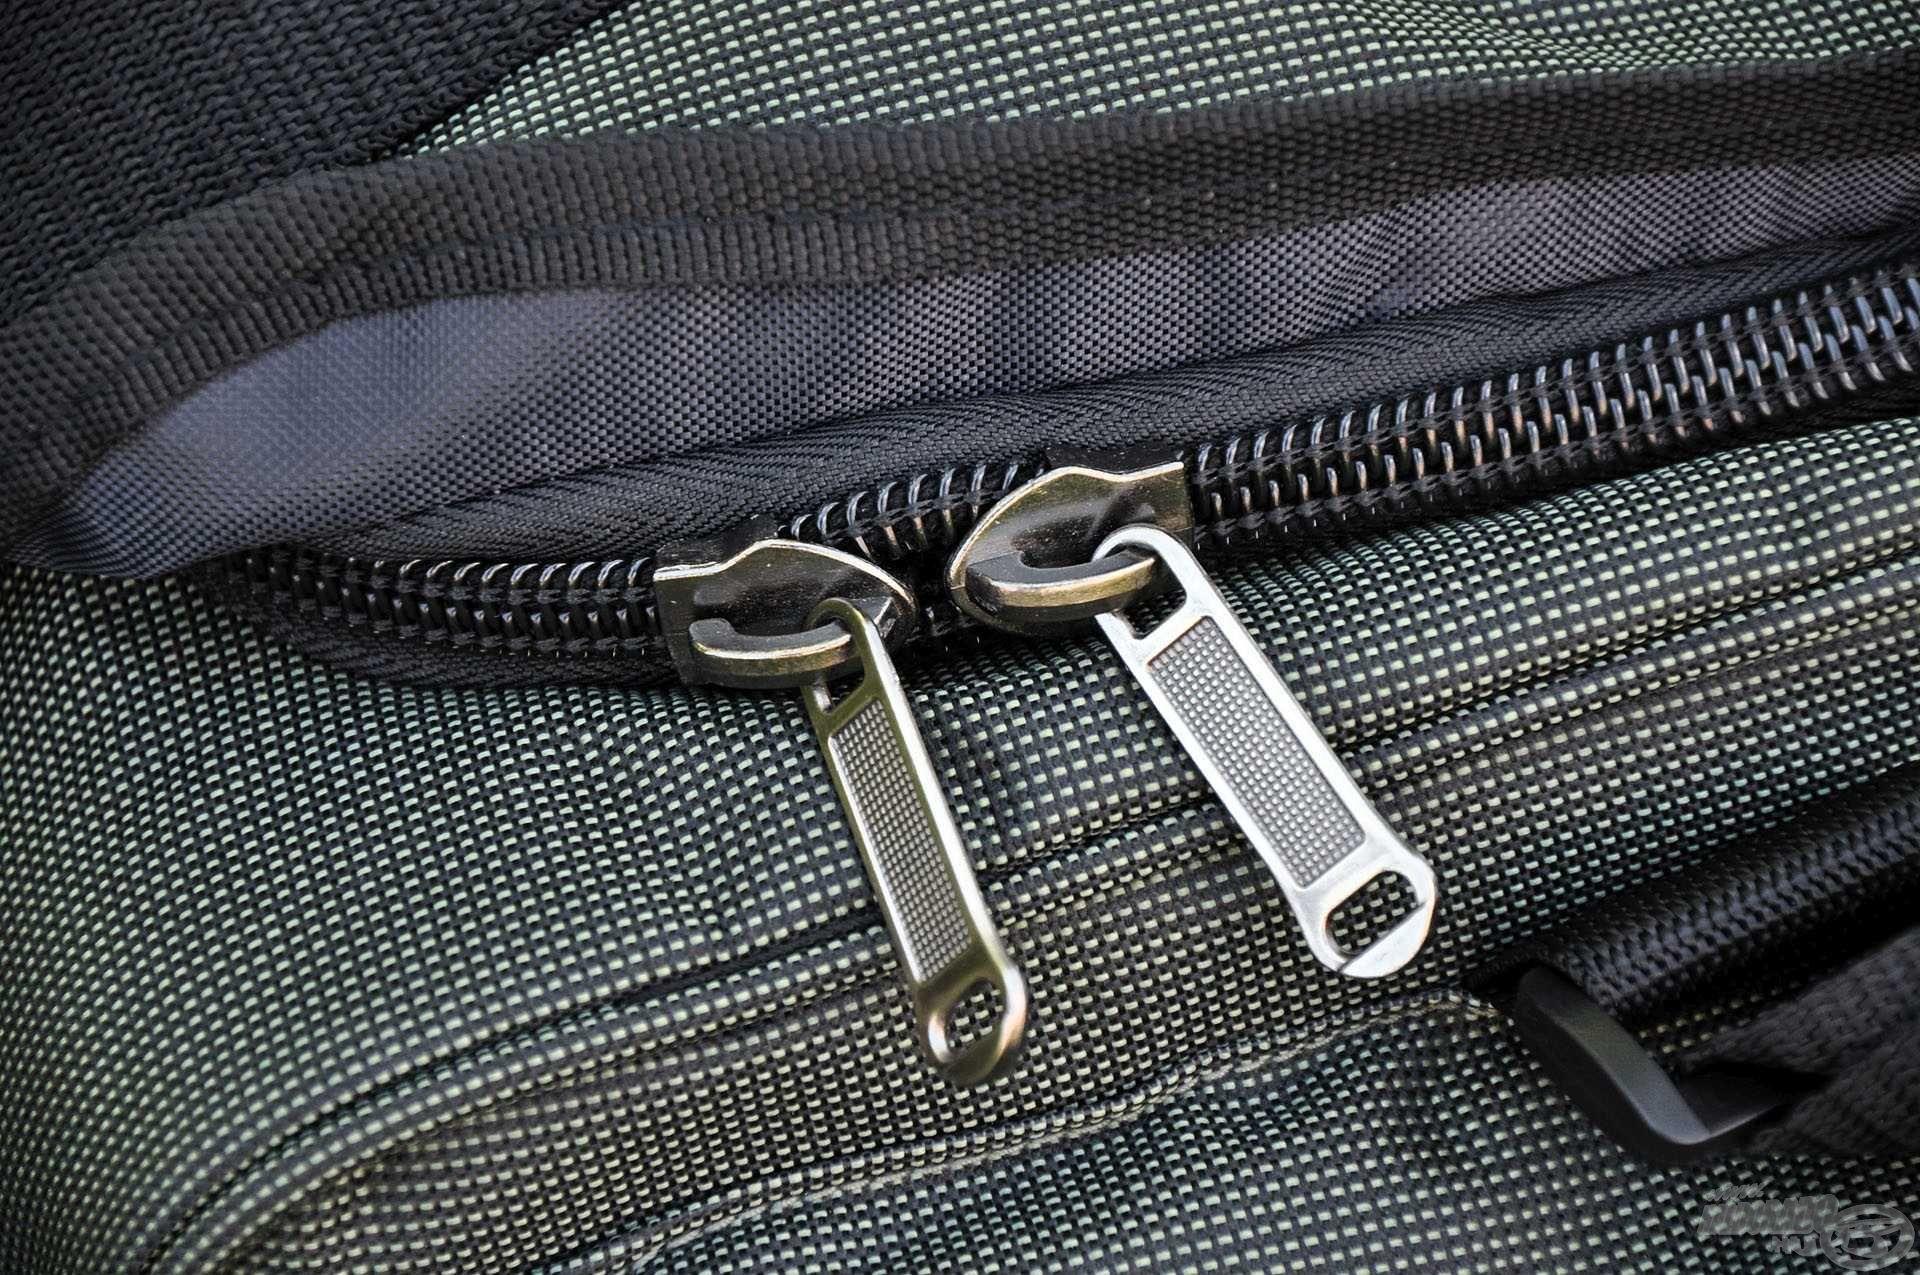 Erős, strapabíró cipzárak kerültek a táskára, melyeket egy-egy diszkrét perem alá rejthetünk